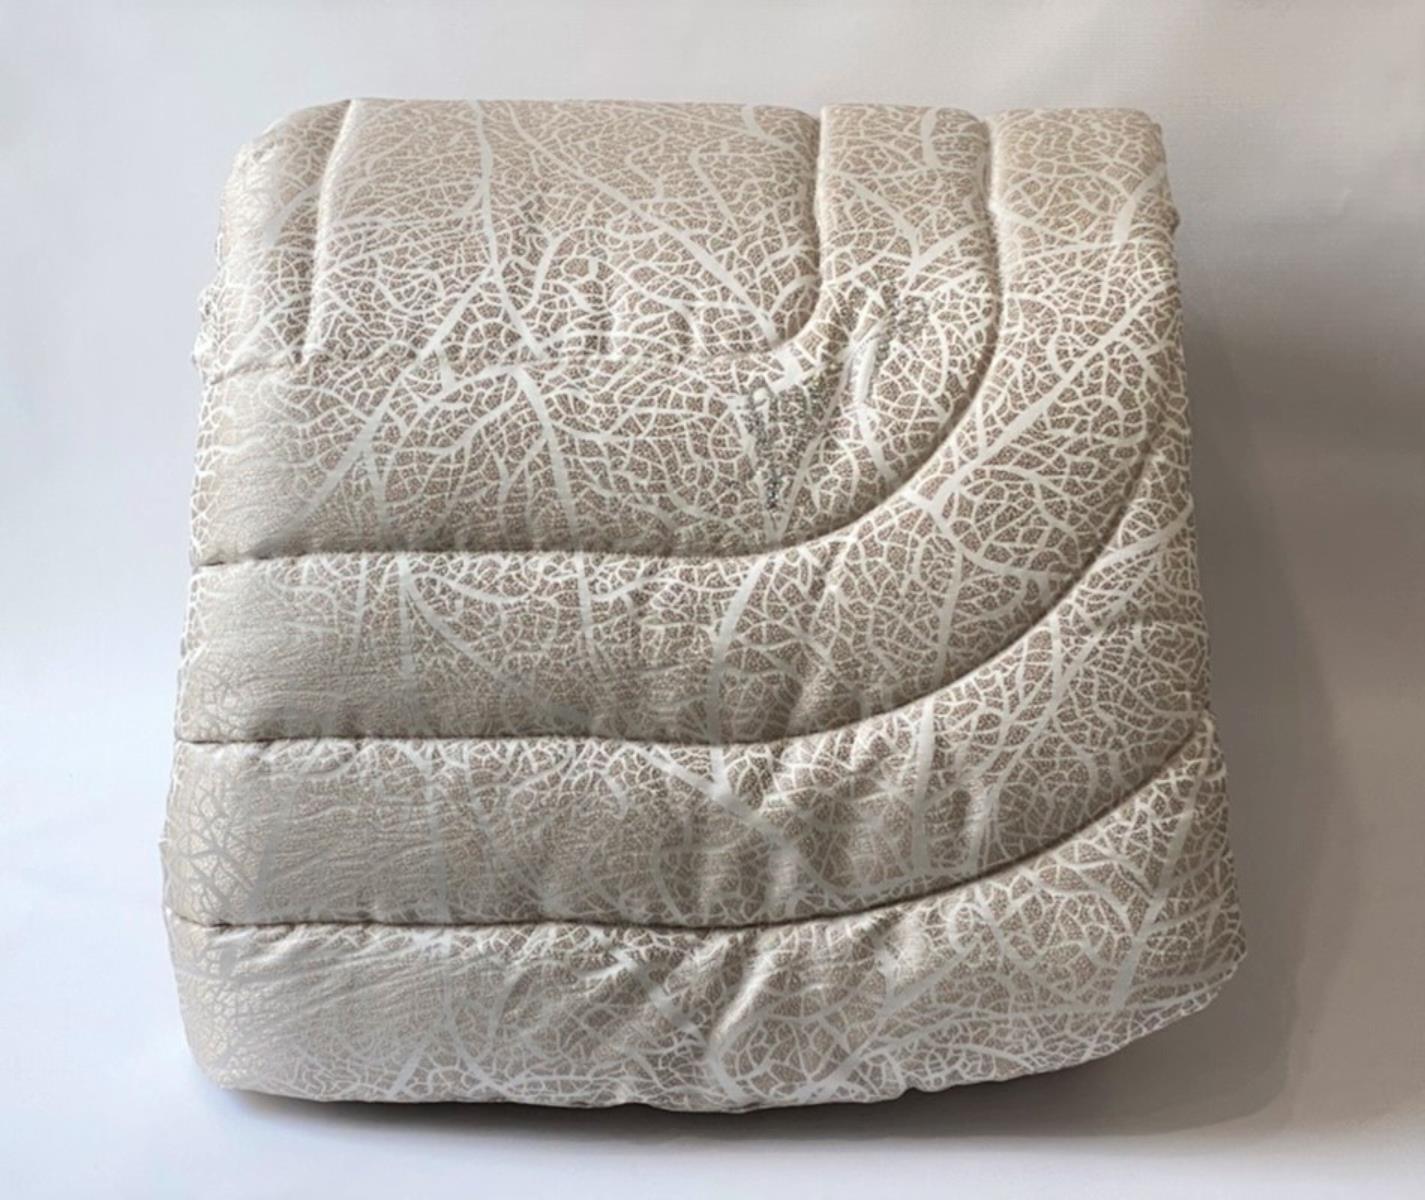 liu jo completo lenzuola matrimoniale nuovo liu jo ricamato in percalle di cotone ll1870. Liu Jo Casa Ll2103 Effetto Tortora